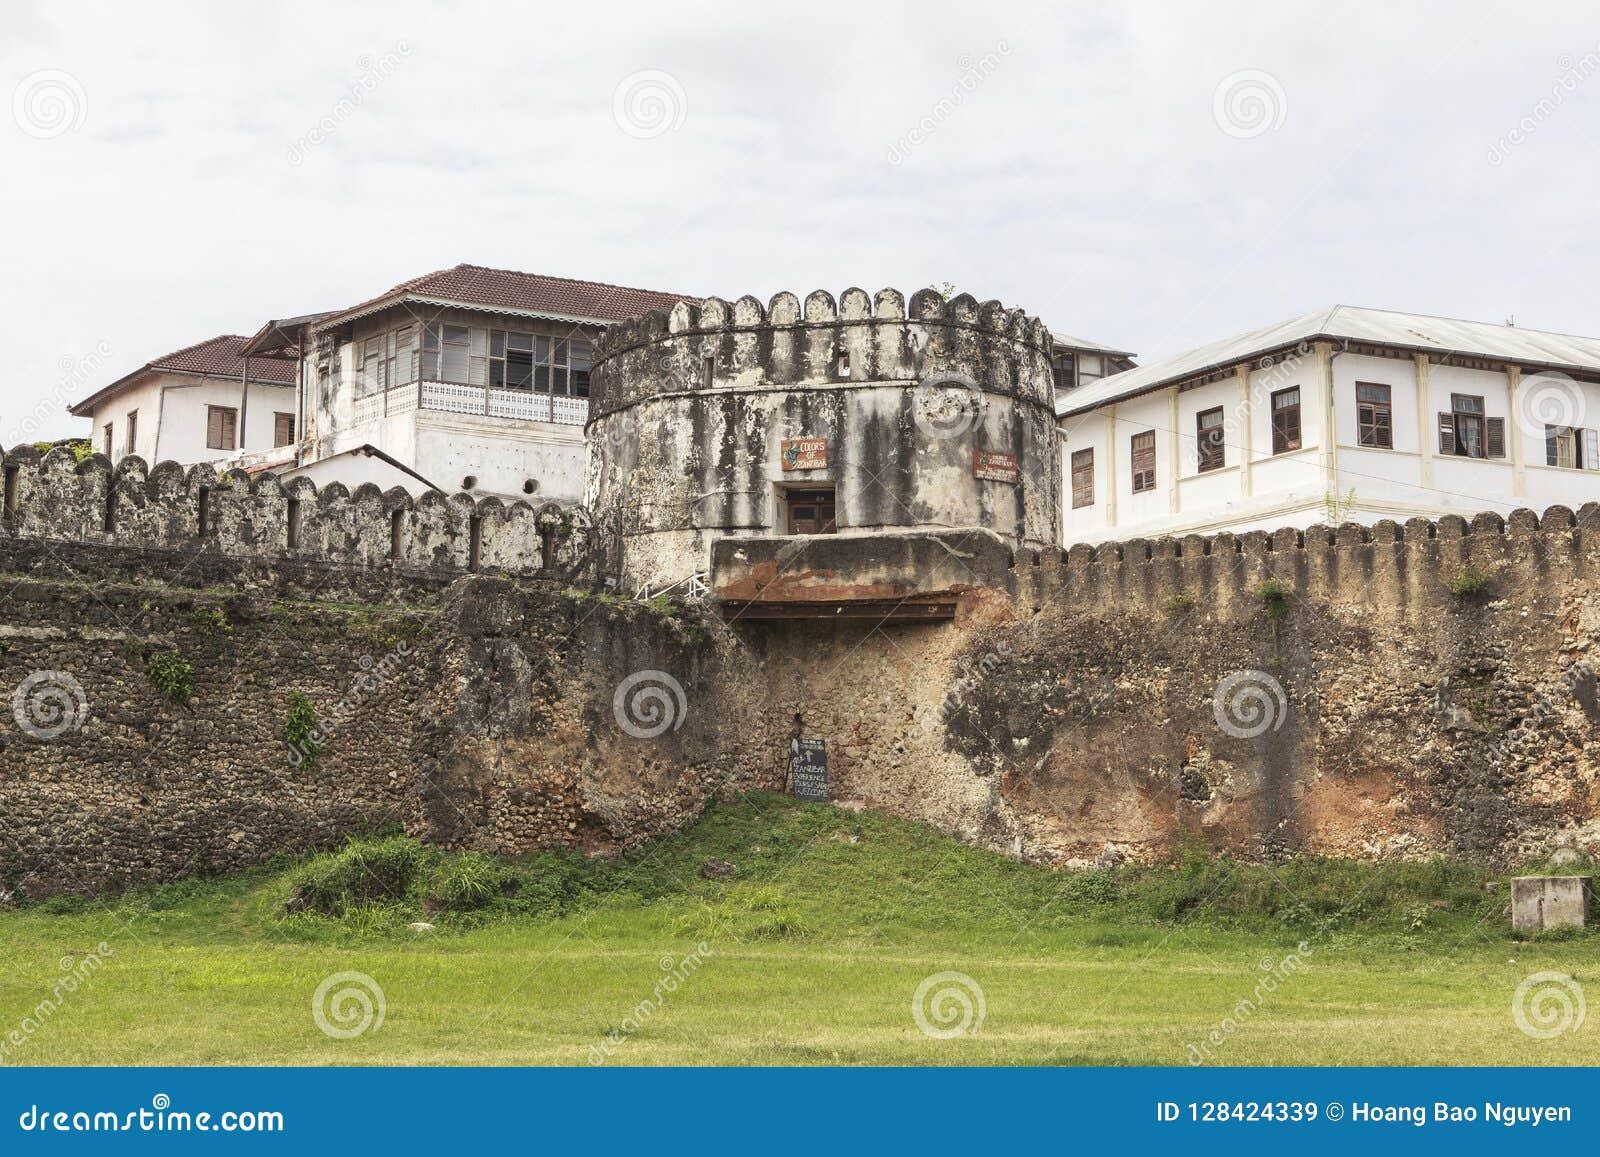 Old Stone Town In Zanzibar Island Tanzania Stock Image